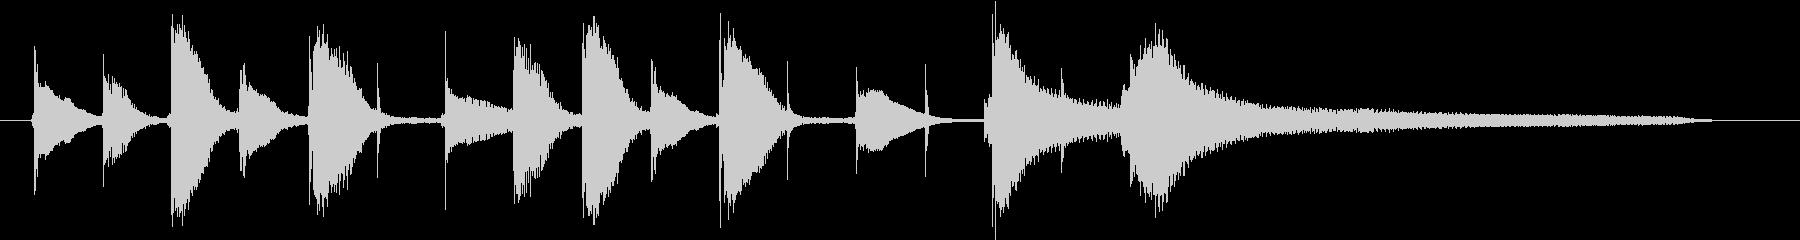 YouTube用ピアノのほのぼのジングルの未再生の波形